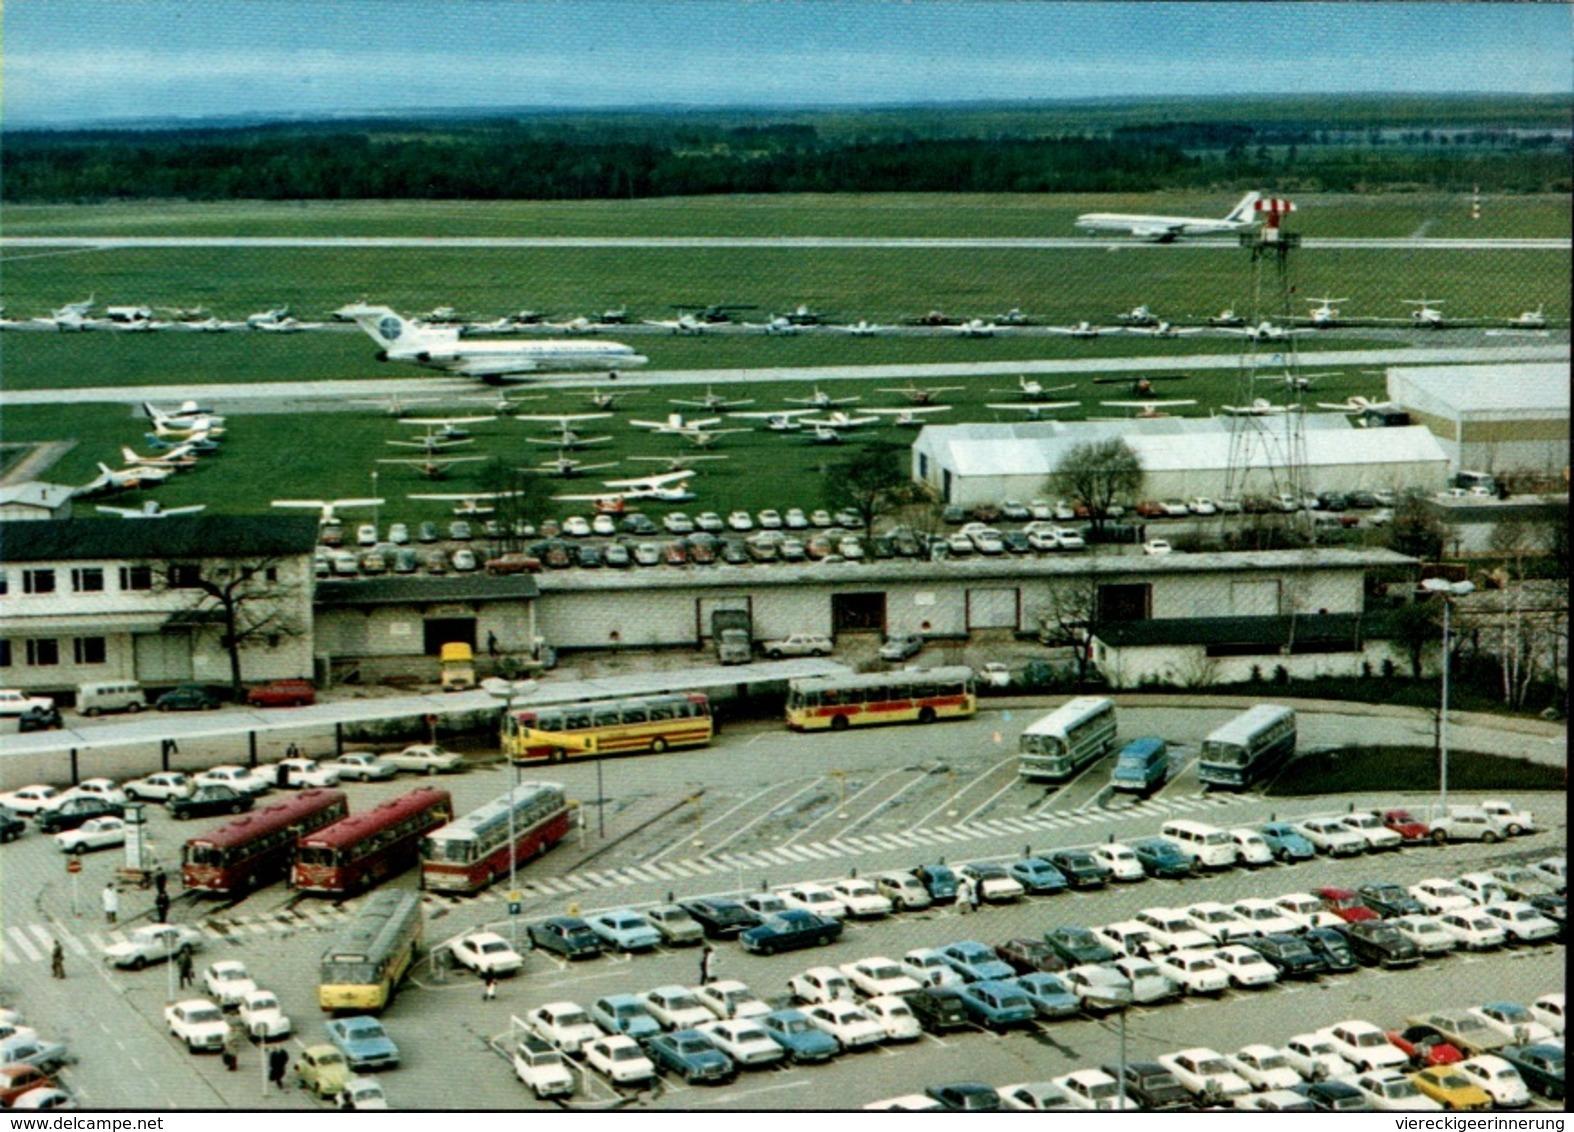 ! Moderne Ansichtskarte Flughafen Hannover, Flugzeuge, Pan Am, Autos, Cars - Aerodrome